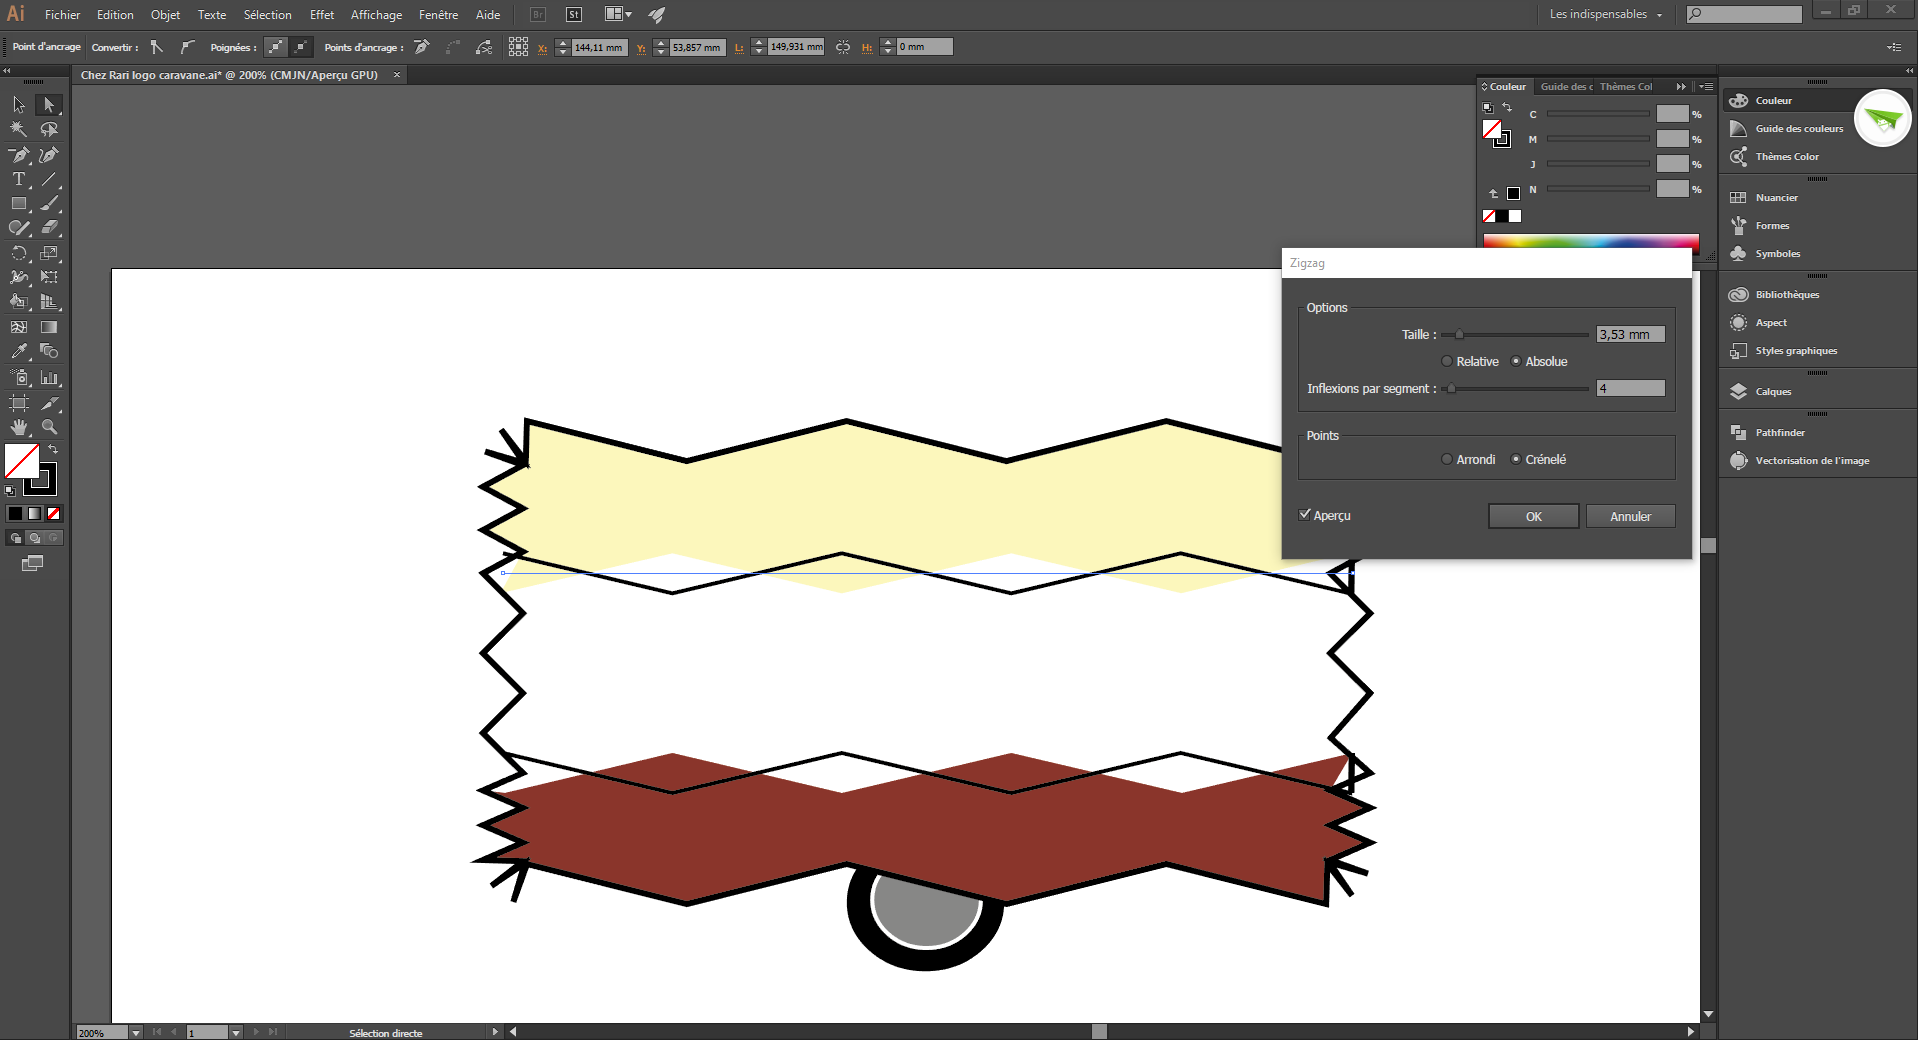 Aide Problème Remplissage Illustrator Sur Le Forum Arts Graphiques